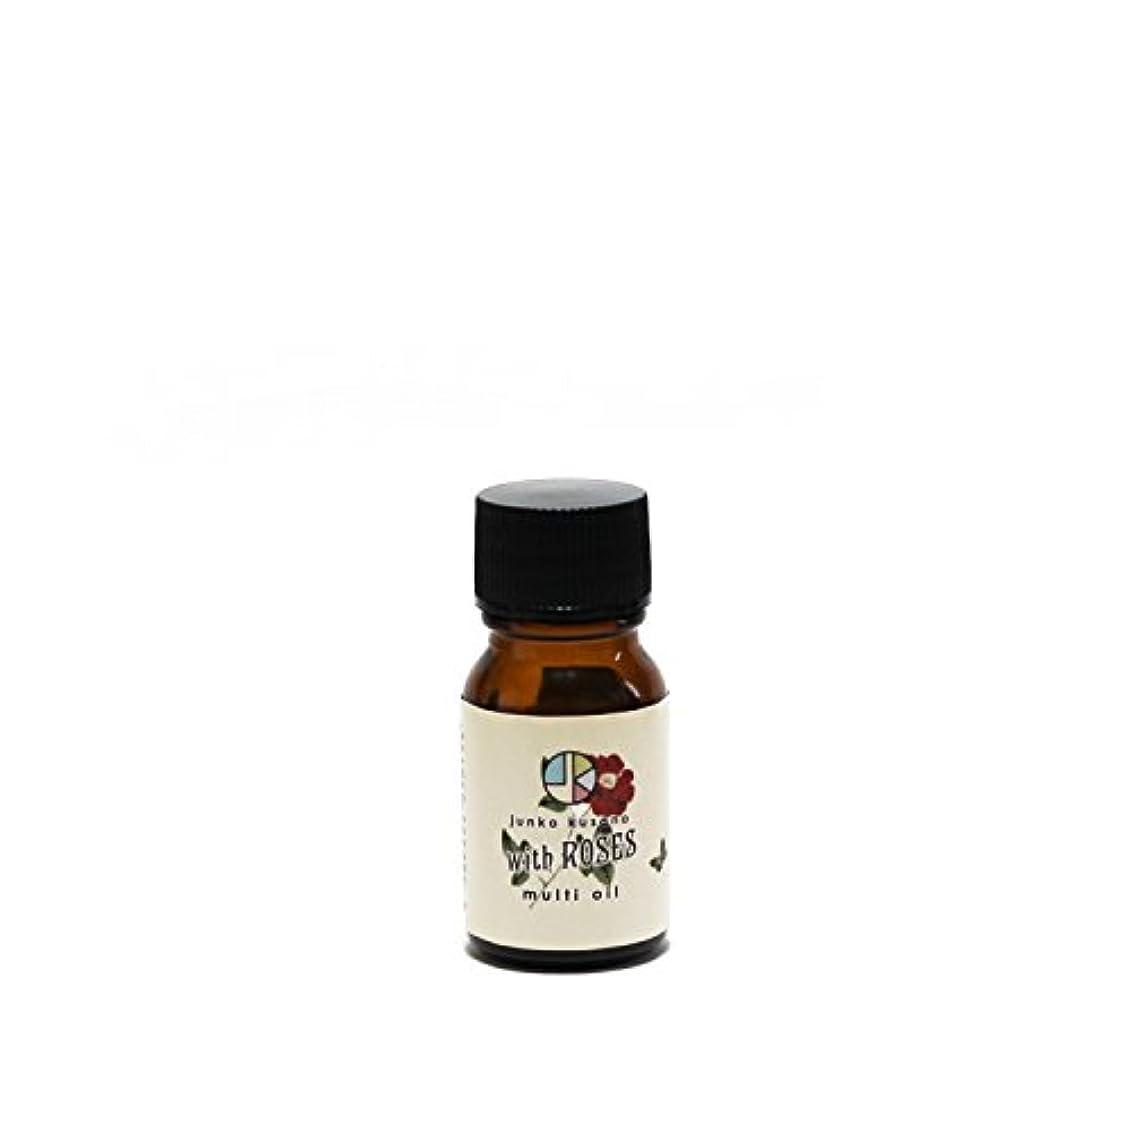 収束するスタウト欲しいですjunko kusano multi oil with Roses mini マルチオイルwithローズ ミニボトル10ml